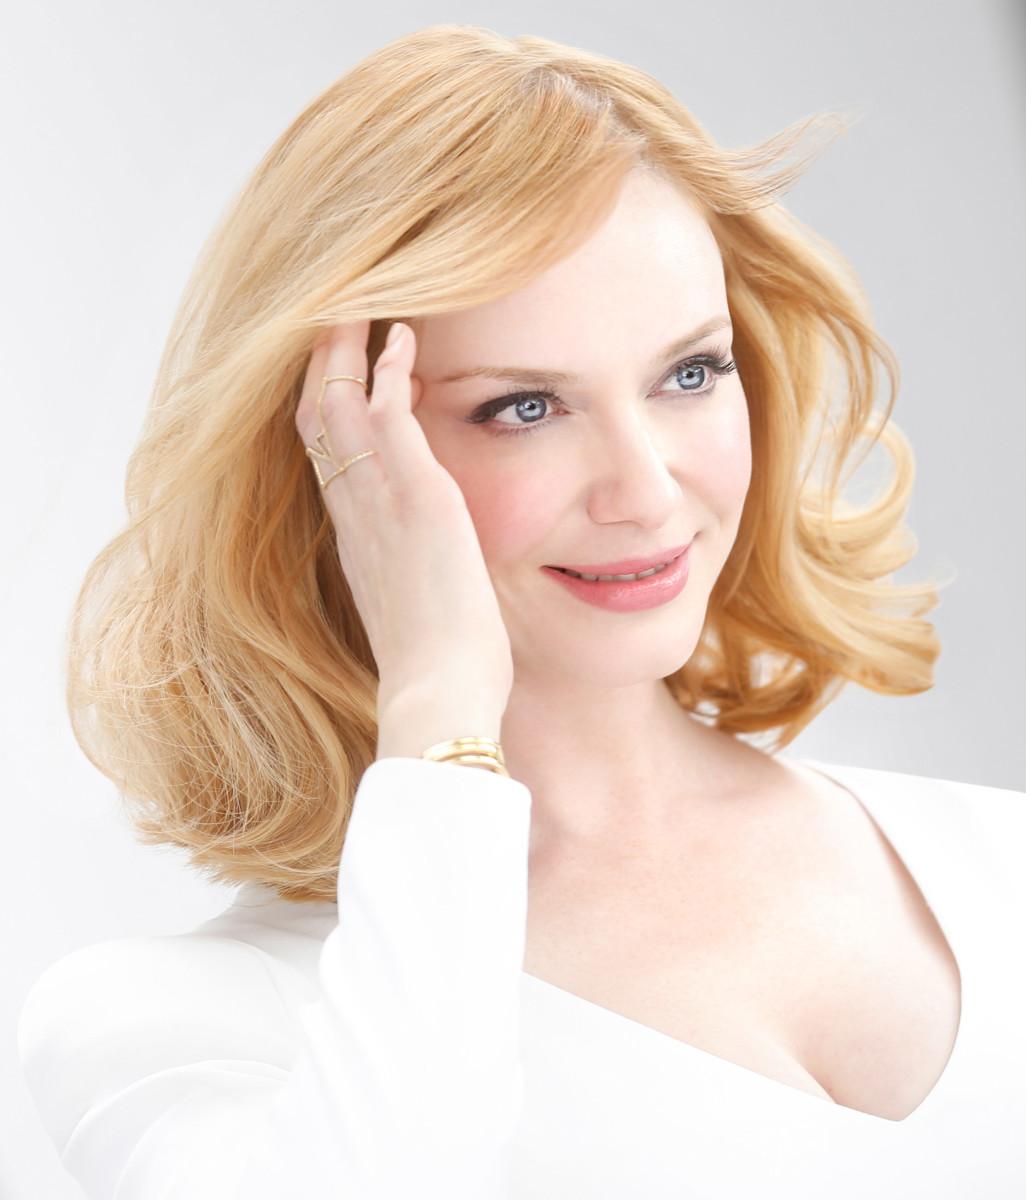 Christina Hendricks blonde hair